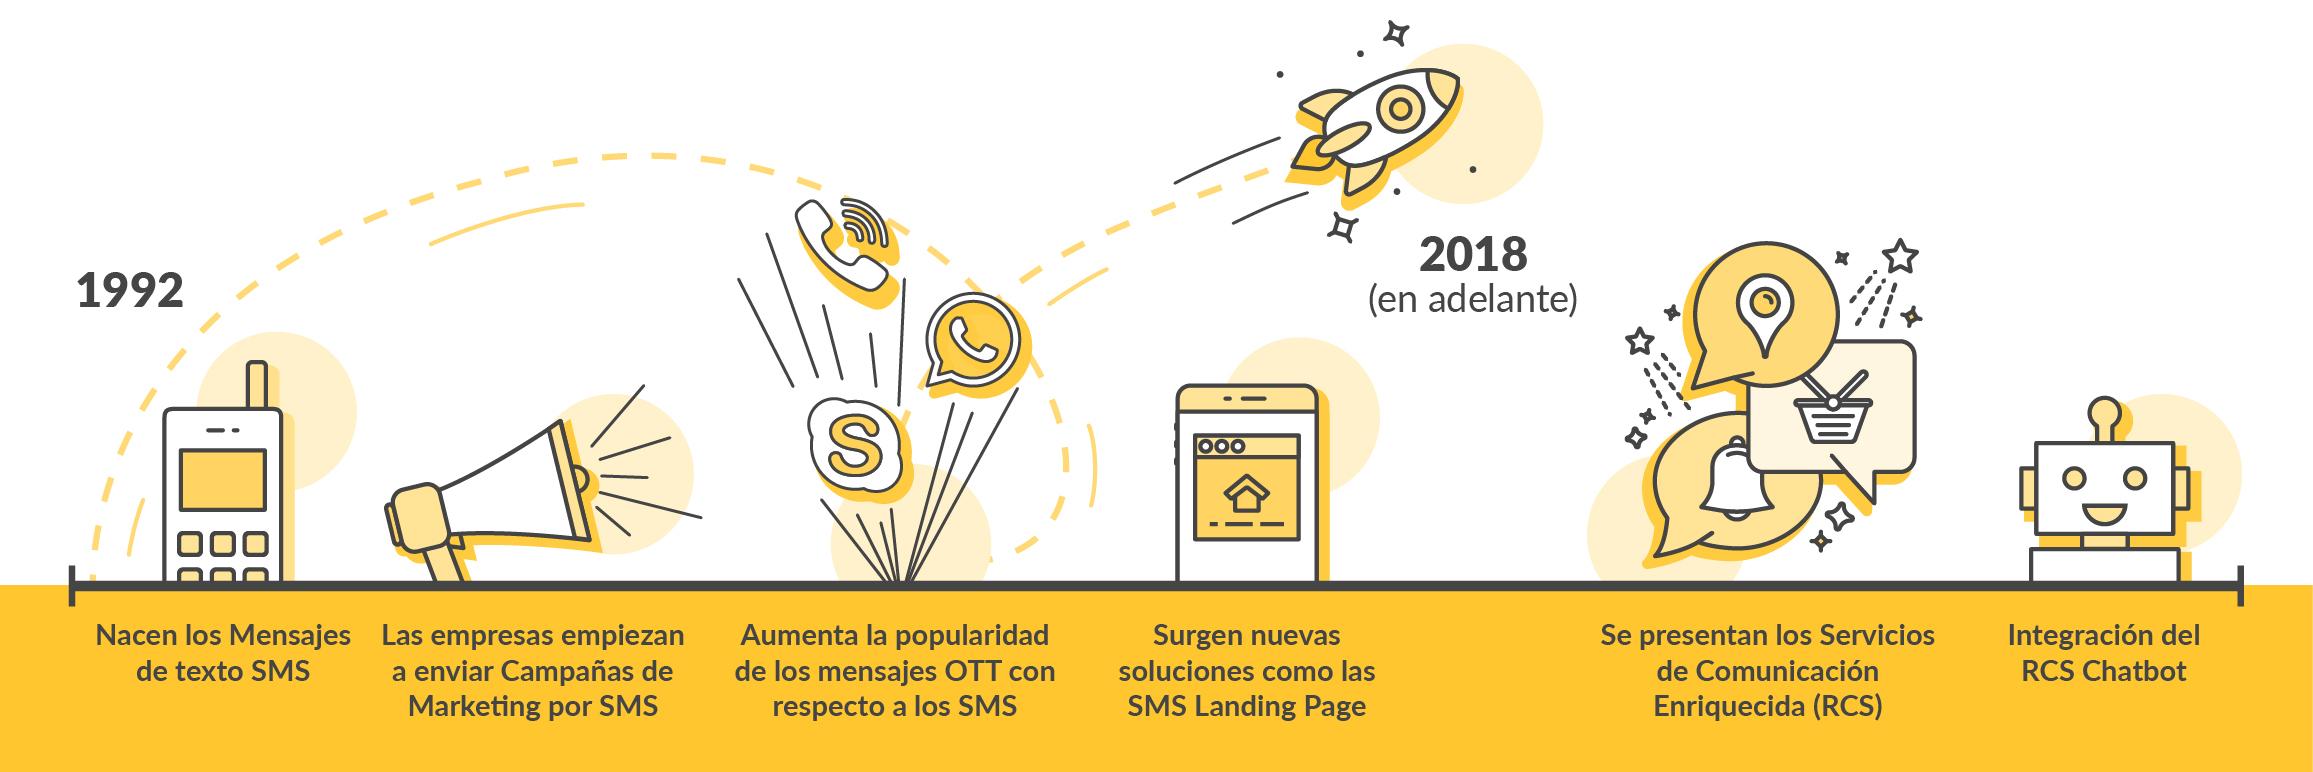 El SMS cumple 25 años - RCS